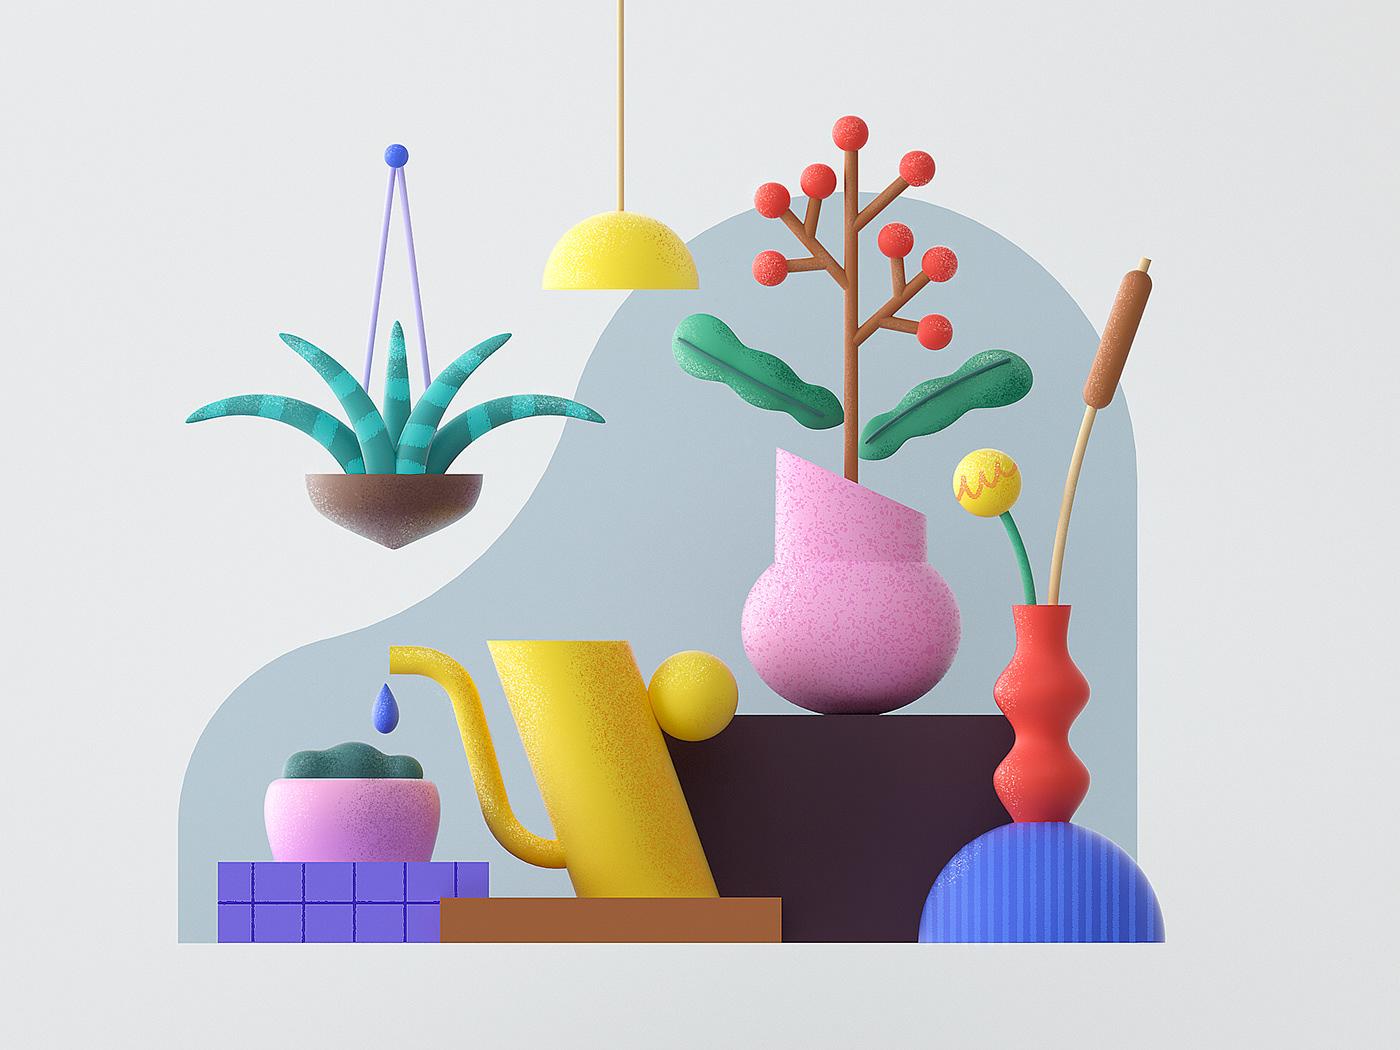 2D c4d cinema4d composition flat flower lines Nature pattern Plant